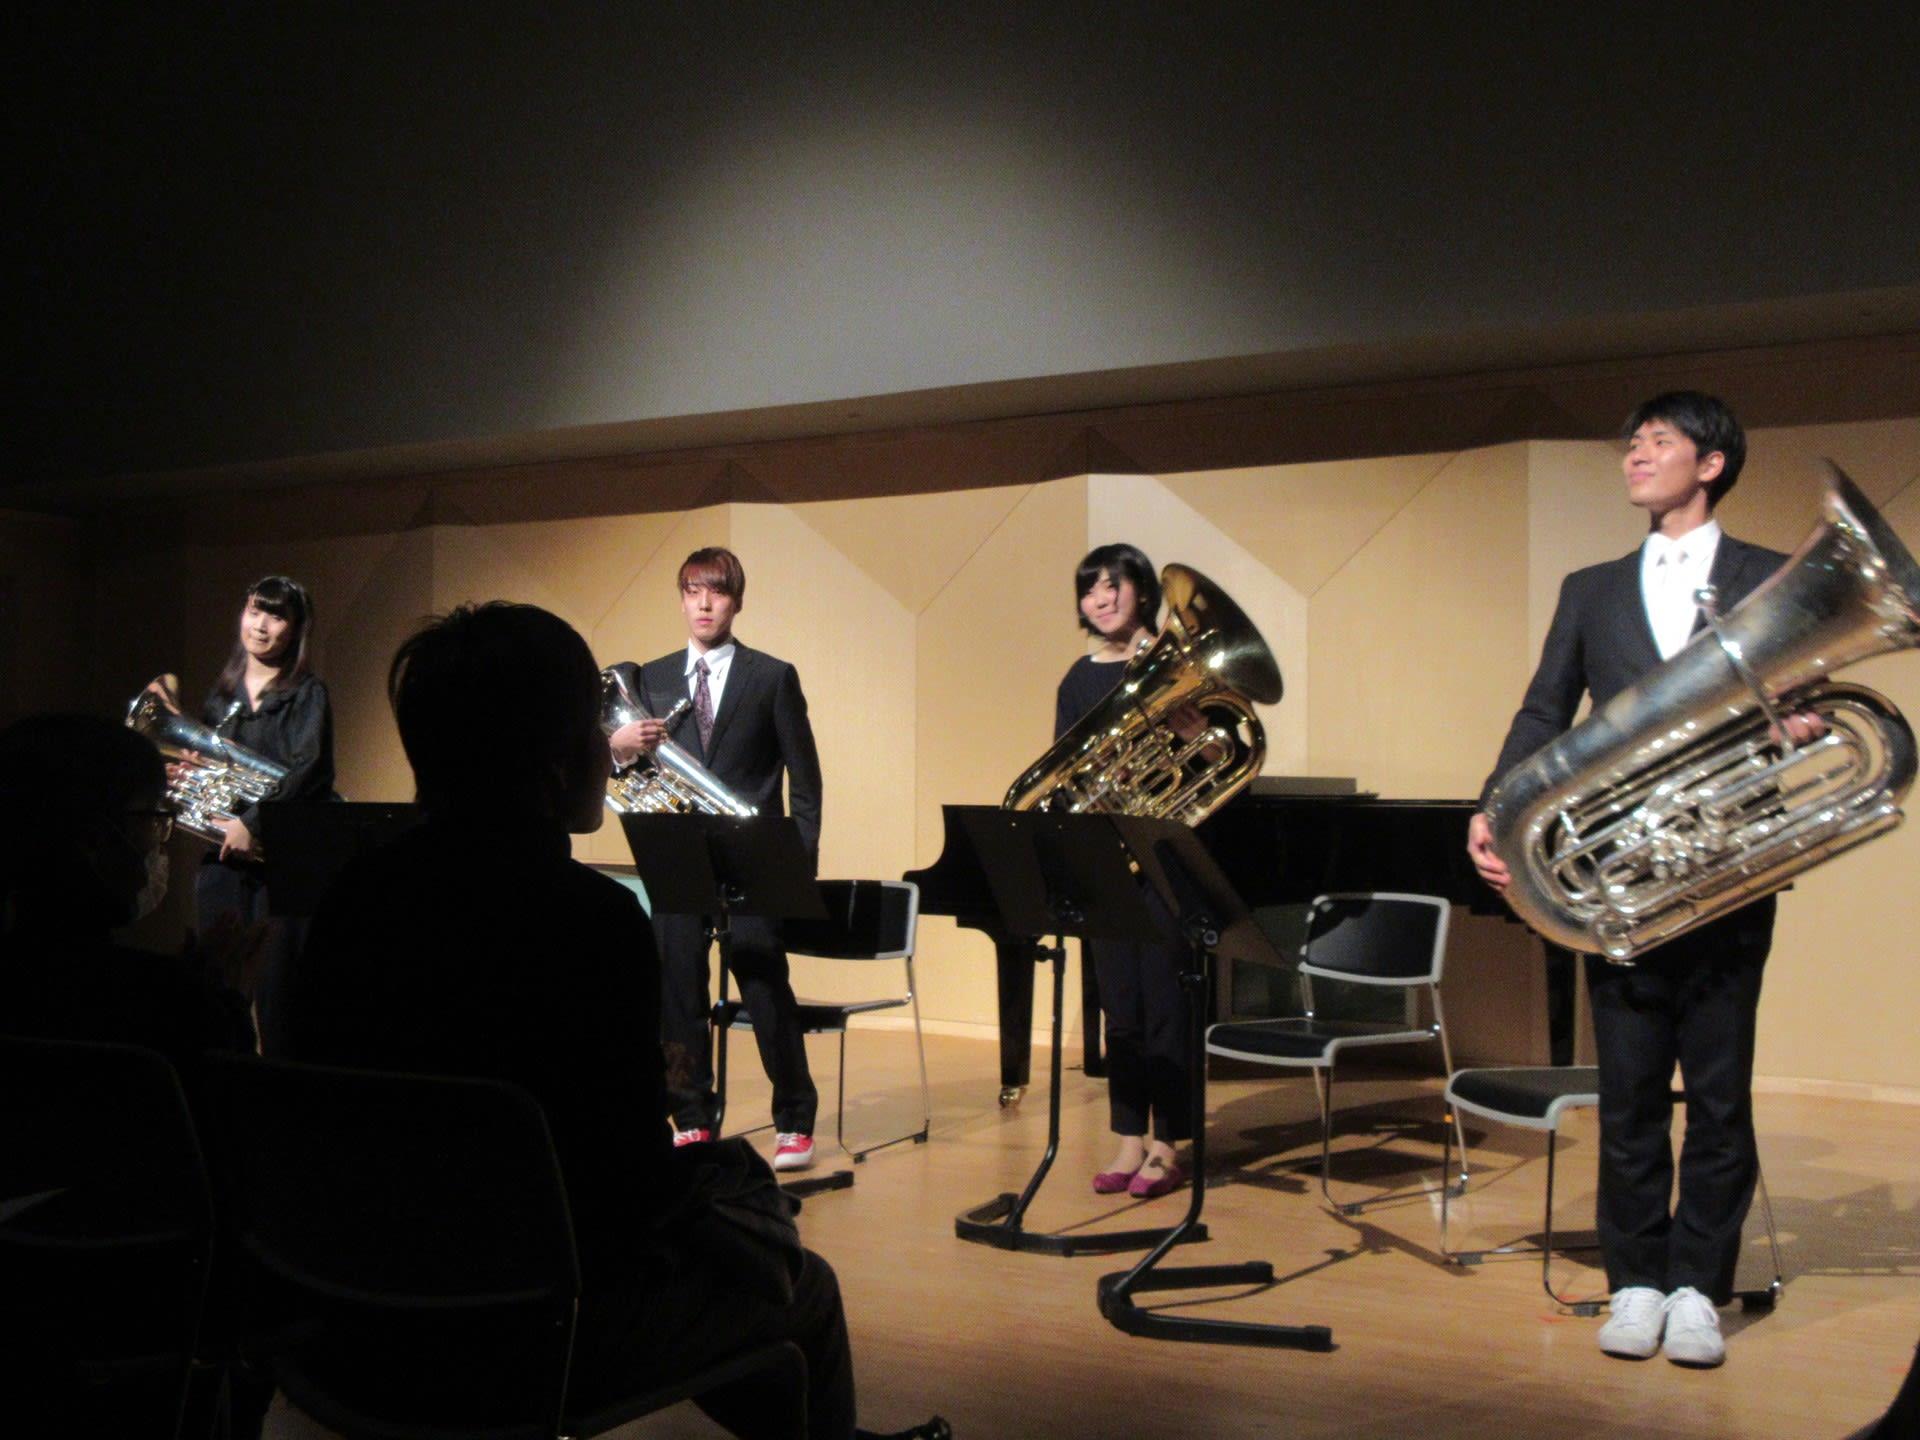 今年最初に聴いたコンサートはユーフォニアムとチューバ(テューバ)という低音の楽器によるコンサートでした。  1月14日、広島県東広島市の「東広島芸術文化ホール